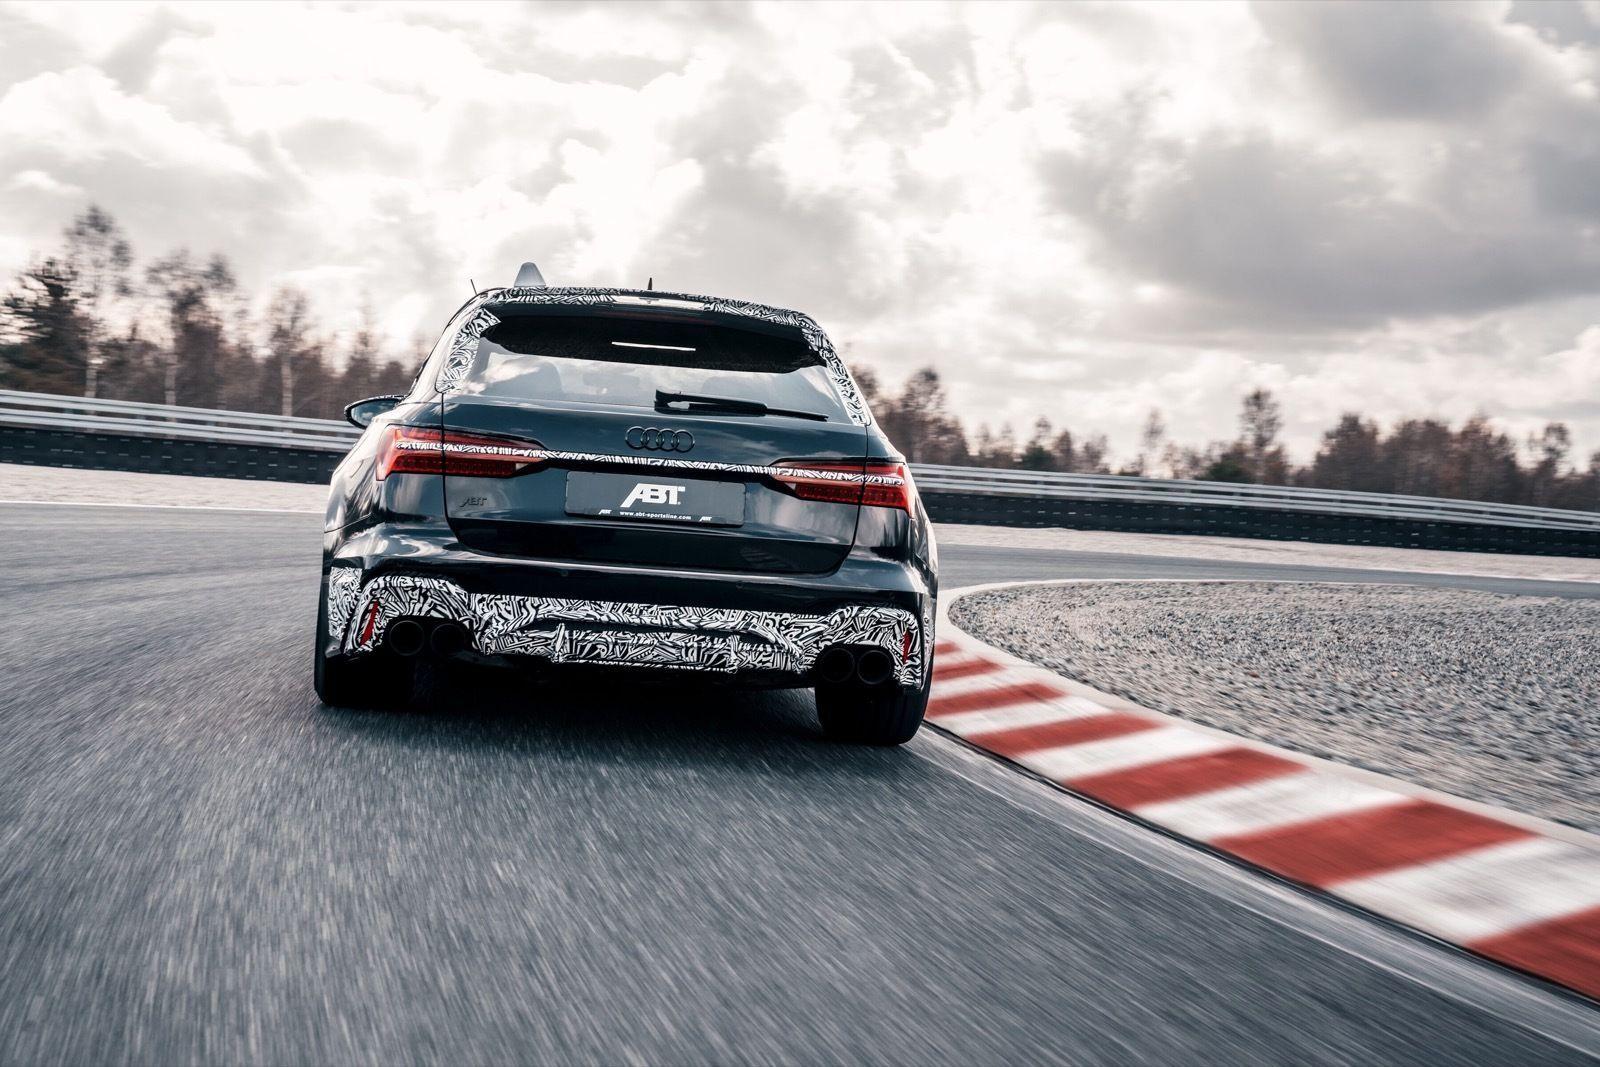 Audi_RS6_Johann_Abt_Signature_Edition-0022